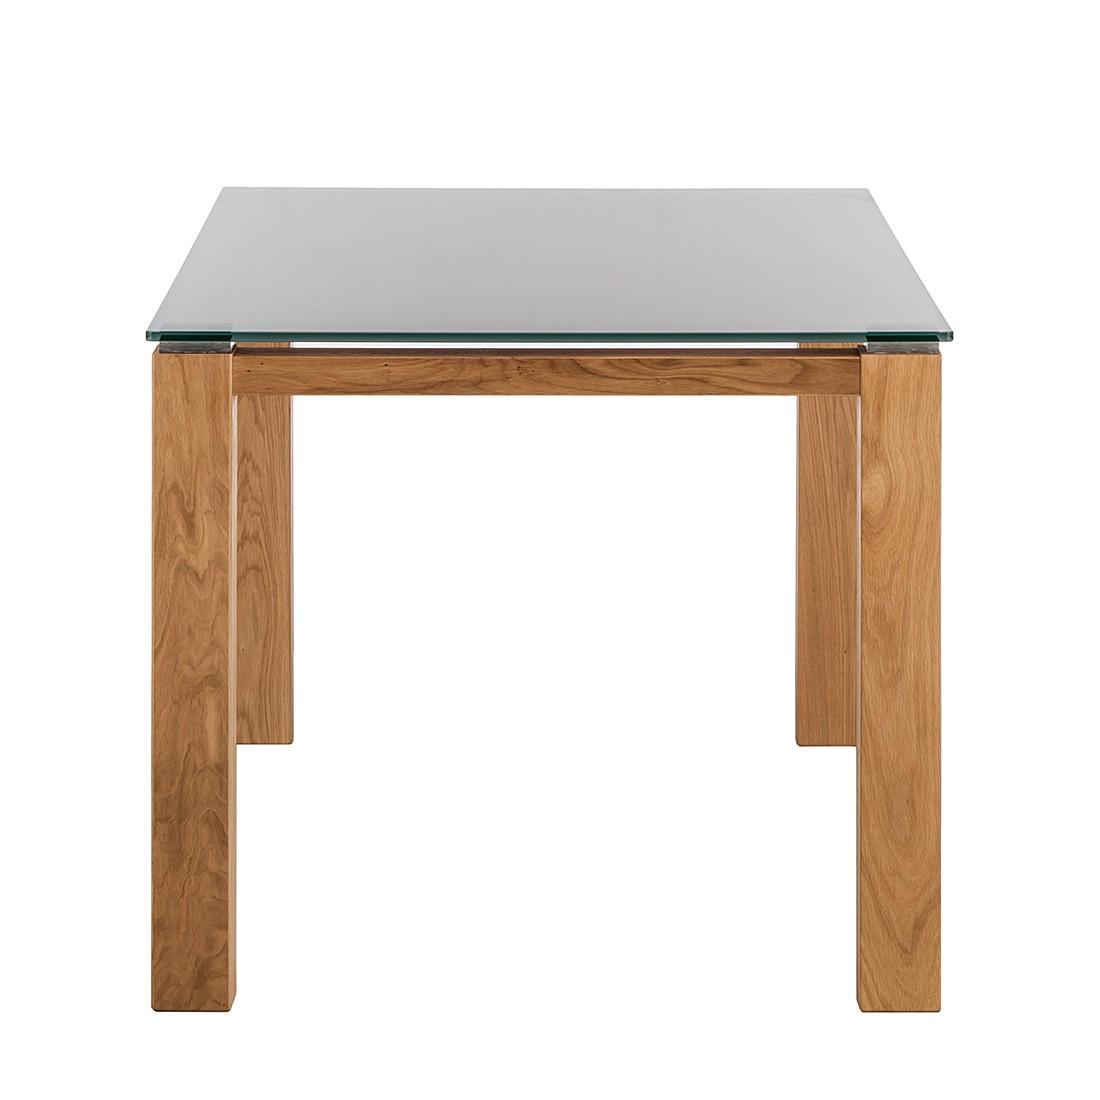 Glastisch Palma – Weiß lackiertes Glas/Wildeiche furniert – 90 x 90 cm, Niehoff online bestellen